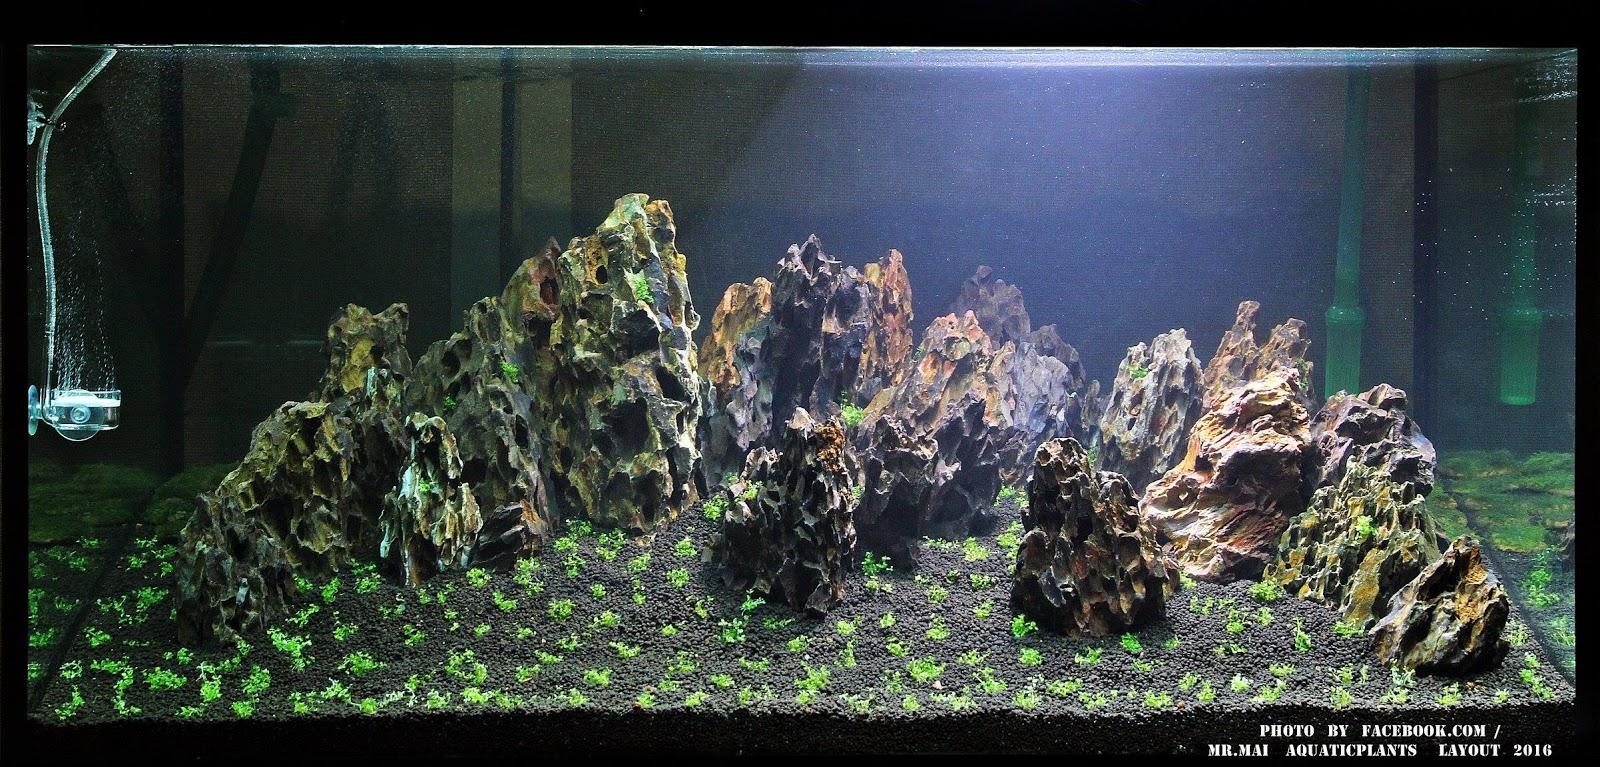 Cây trân châu được trồng thành từng cụm nhỏ trong giai đoạn đầu của hồ thủy sinh